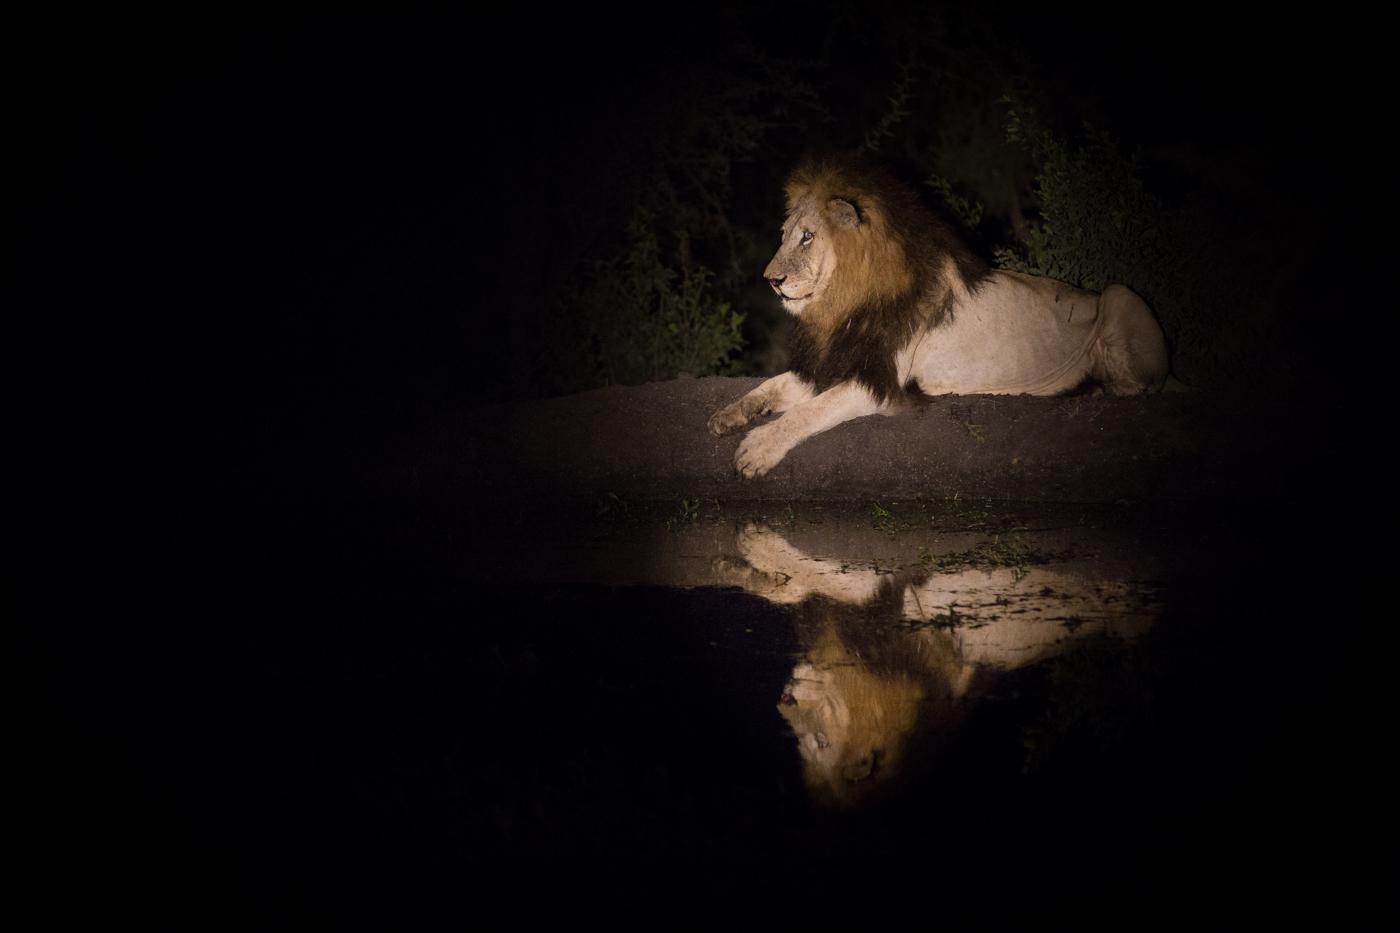 Matimba reflection